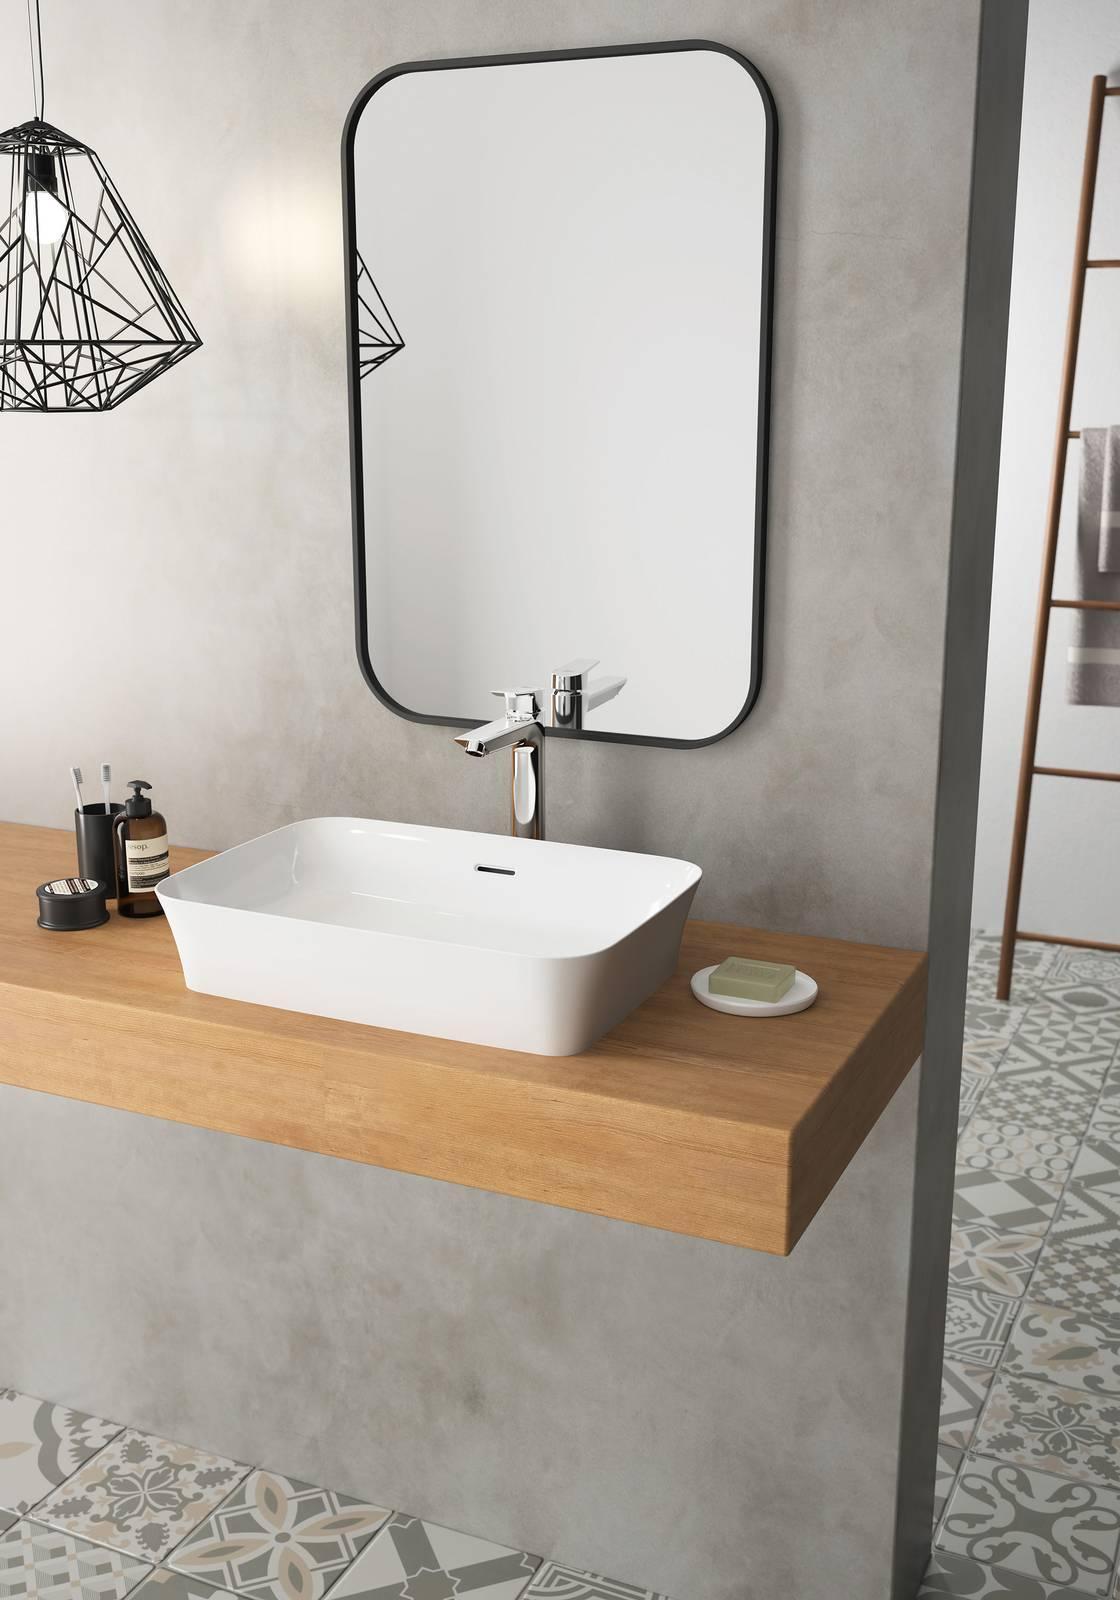 Lavabi da appoggio ipalyss il design vincente di una nuova miscela ceramica plasmabile in - Lavabi bagno ideal standard ...